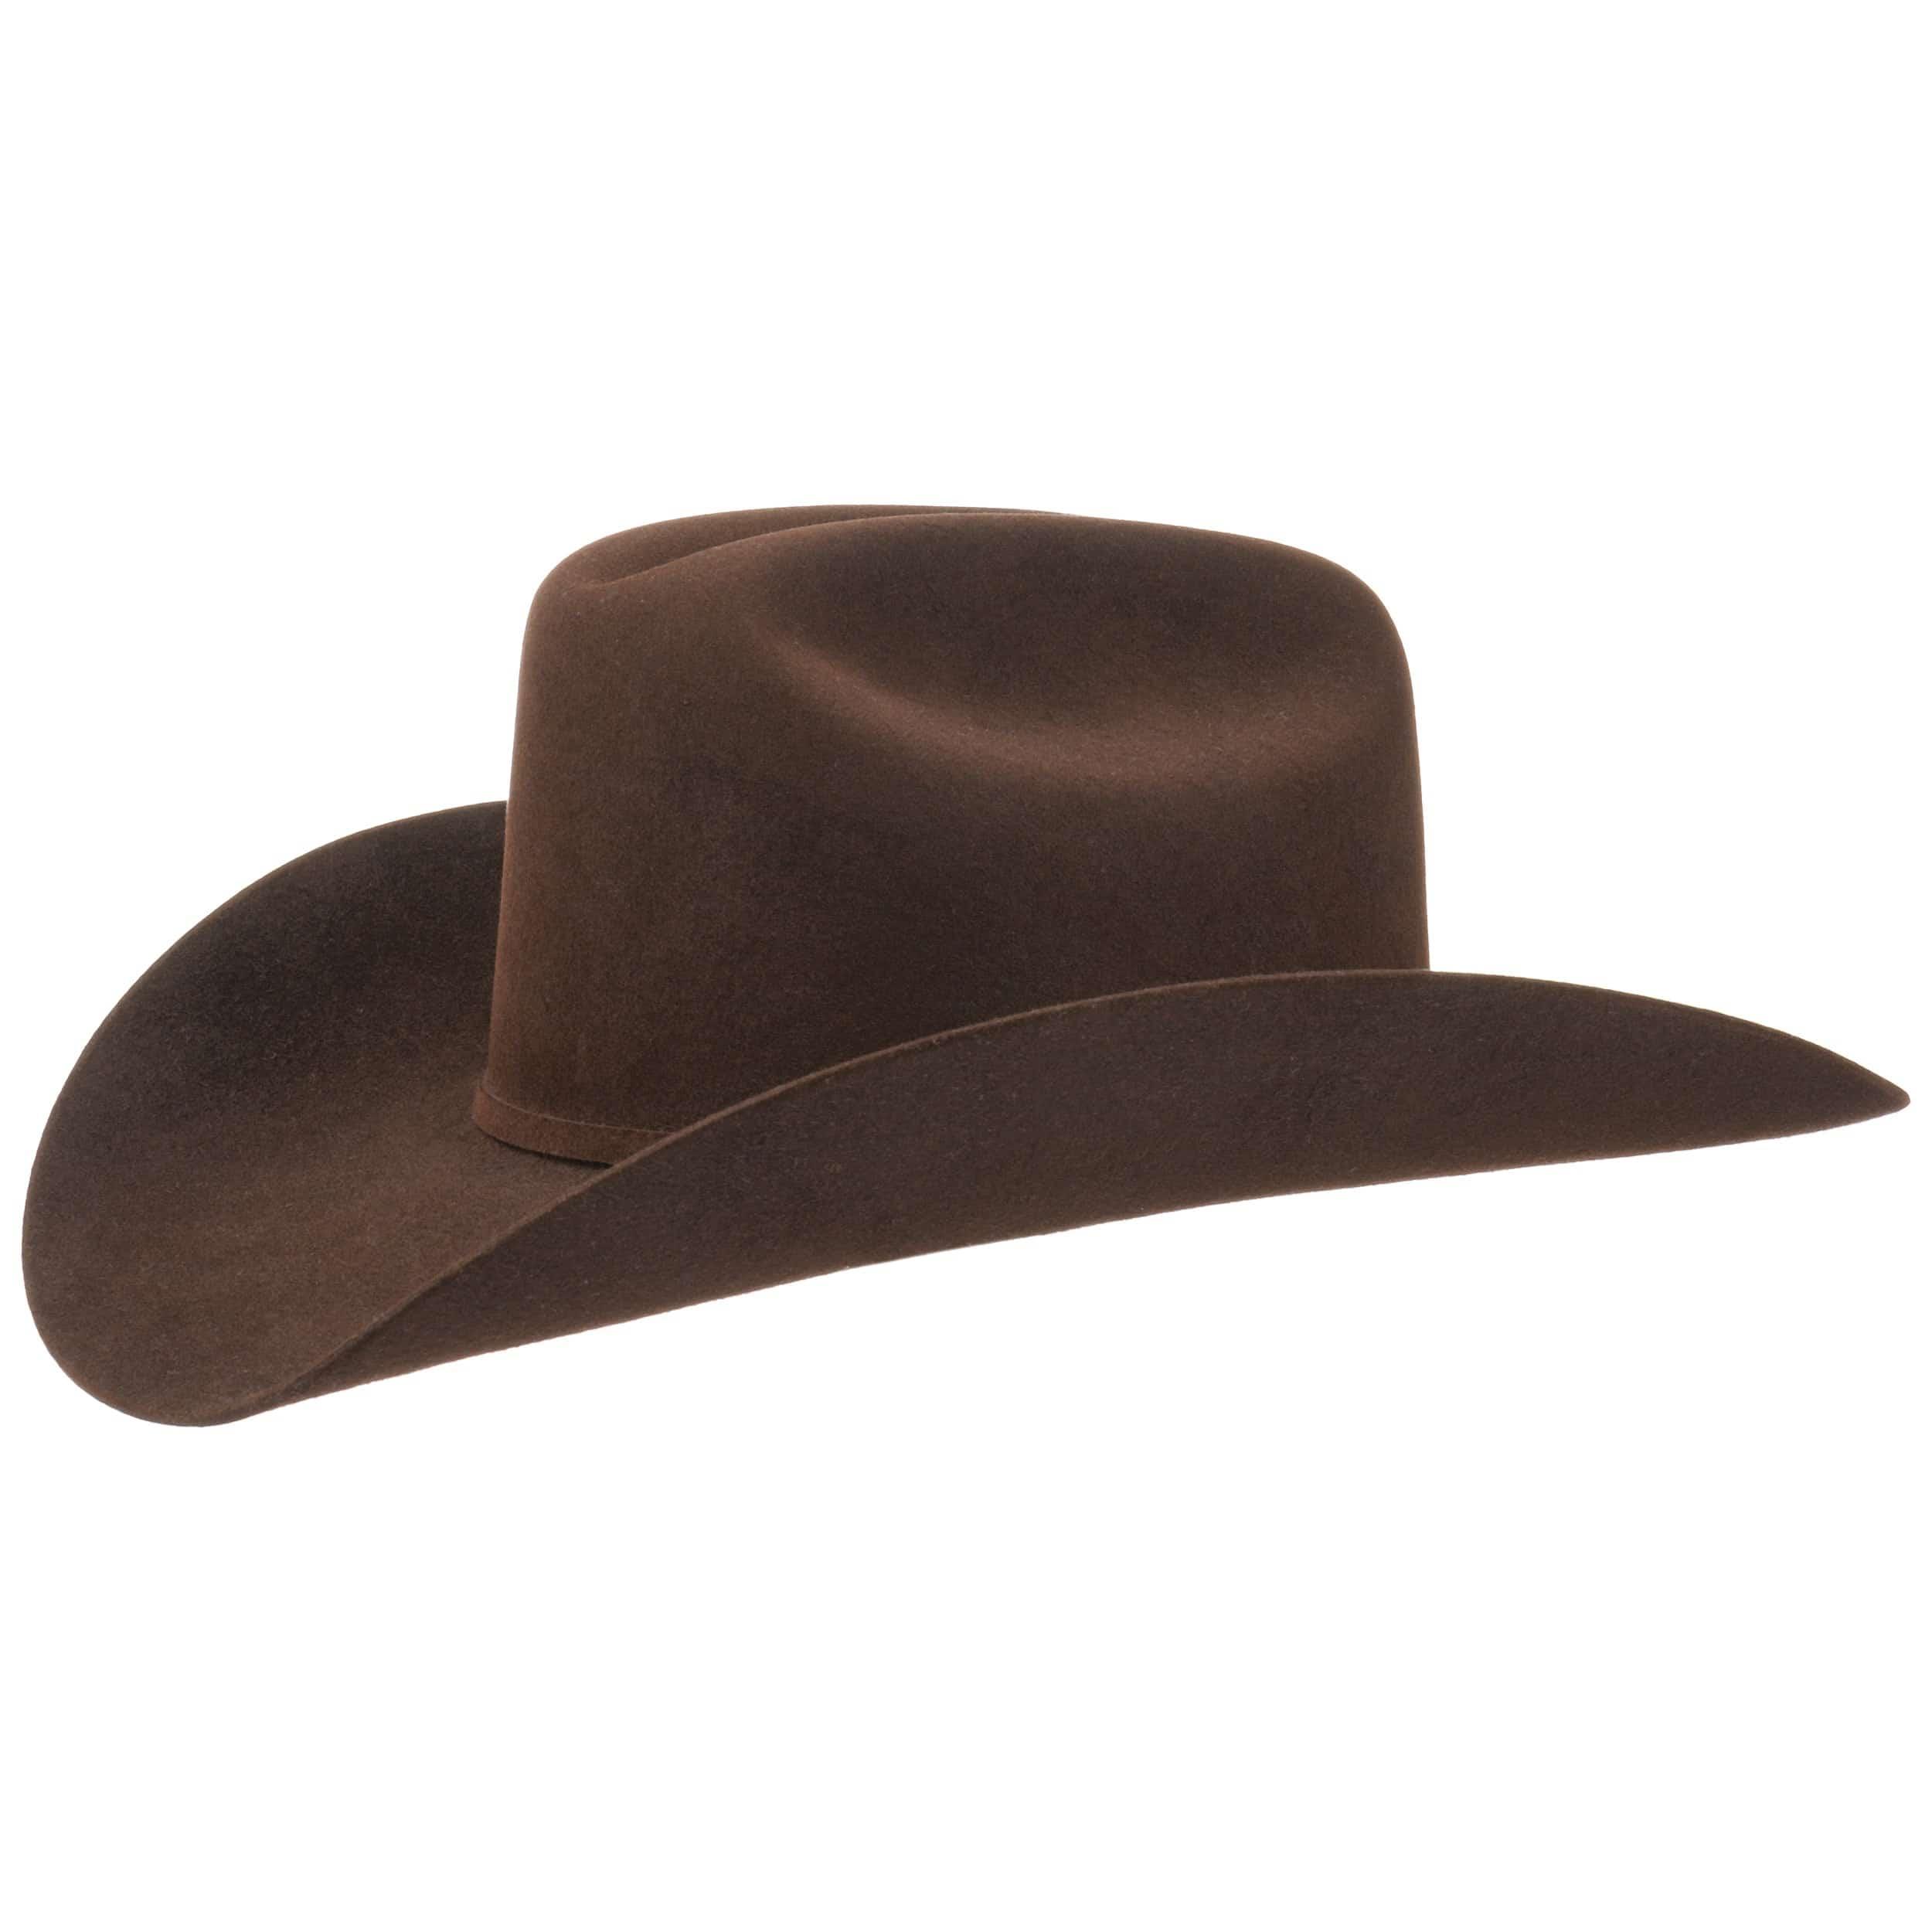 ... Lariat 5X Fur Felt Western Hat by Stetson - dark brown 4 ... 49265ad6be94